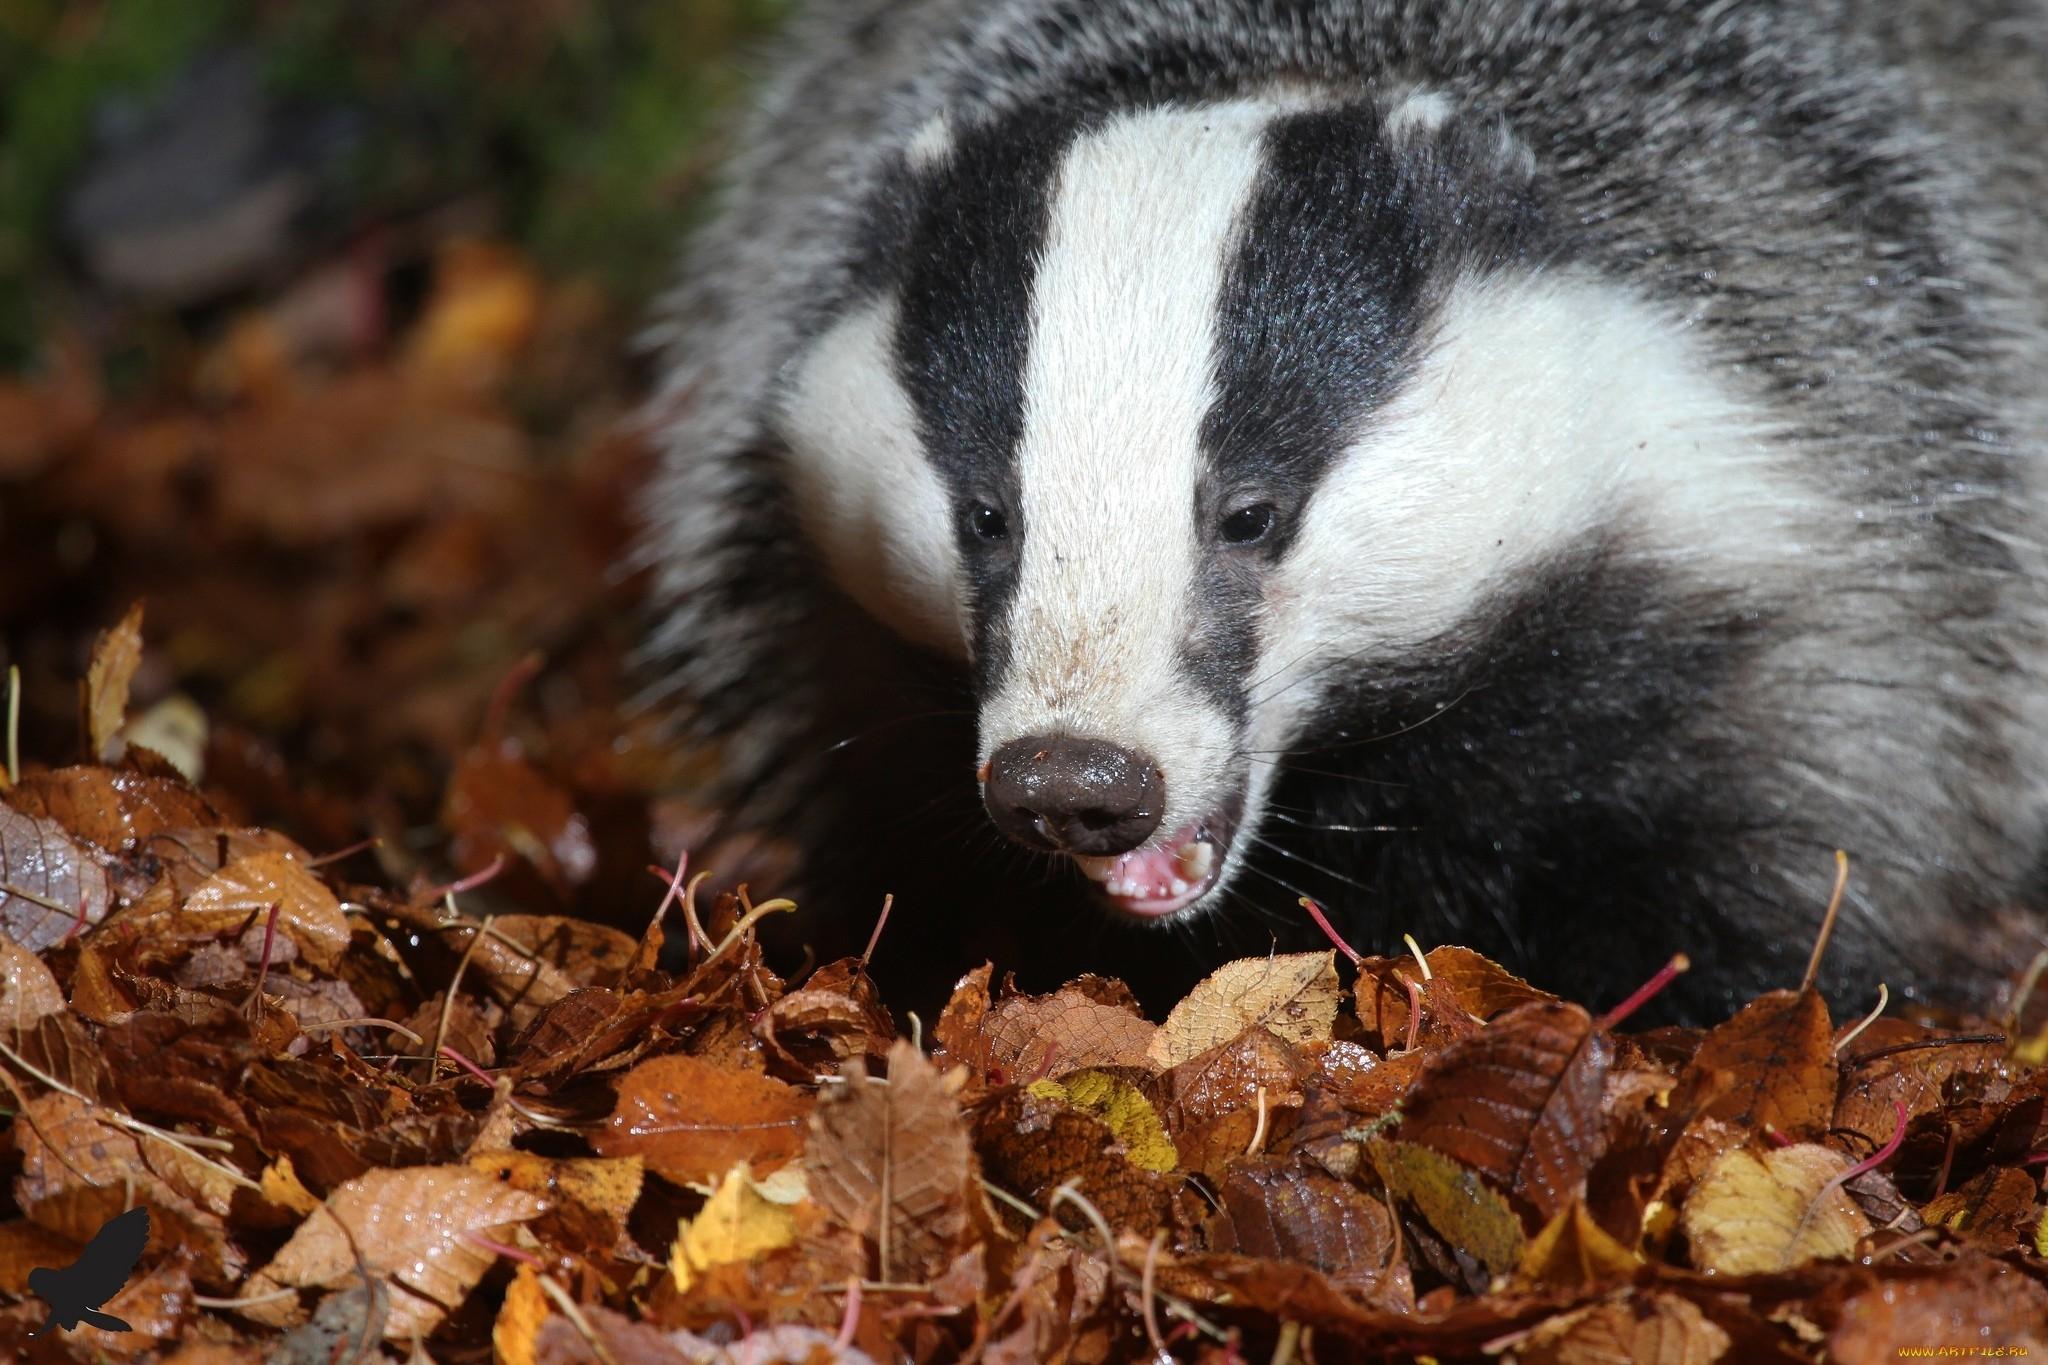 badger photos